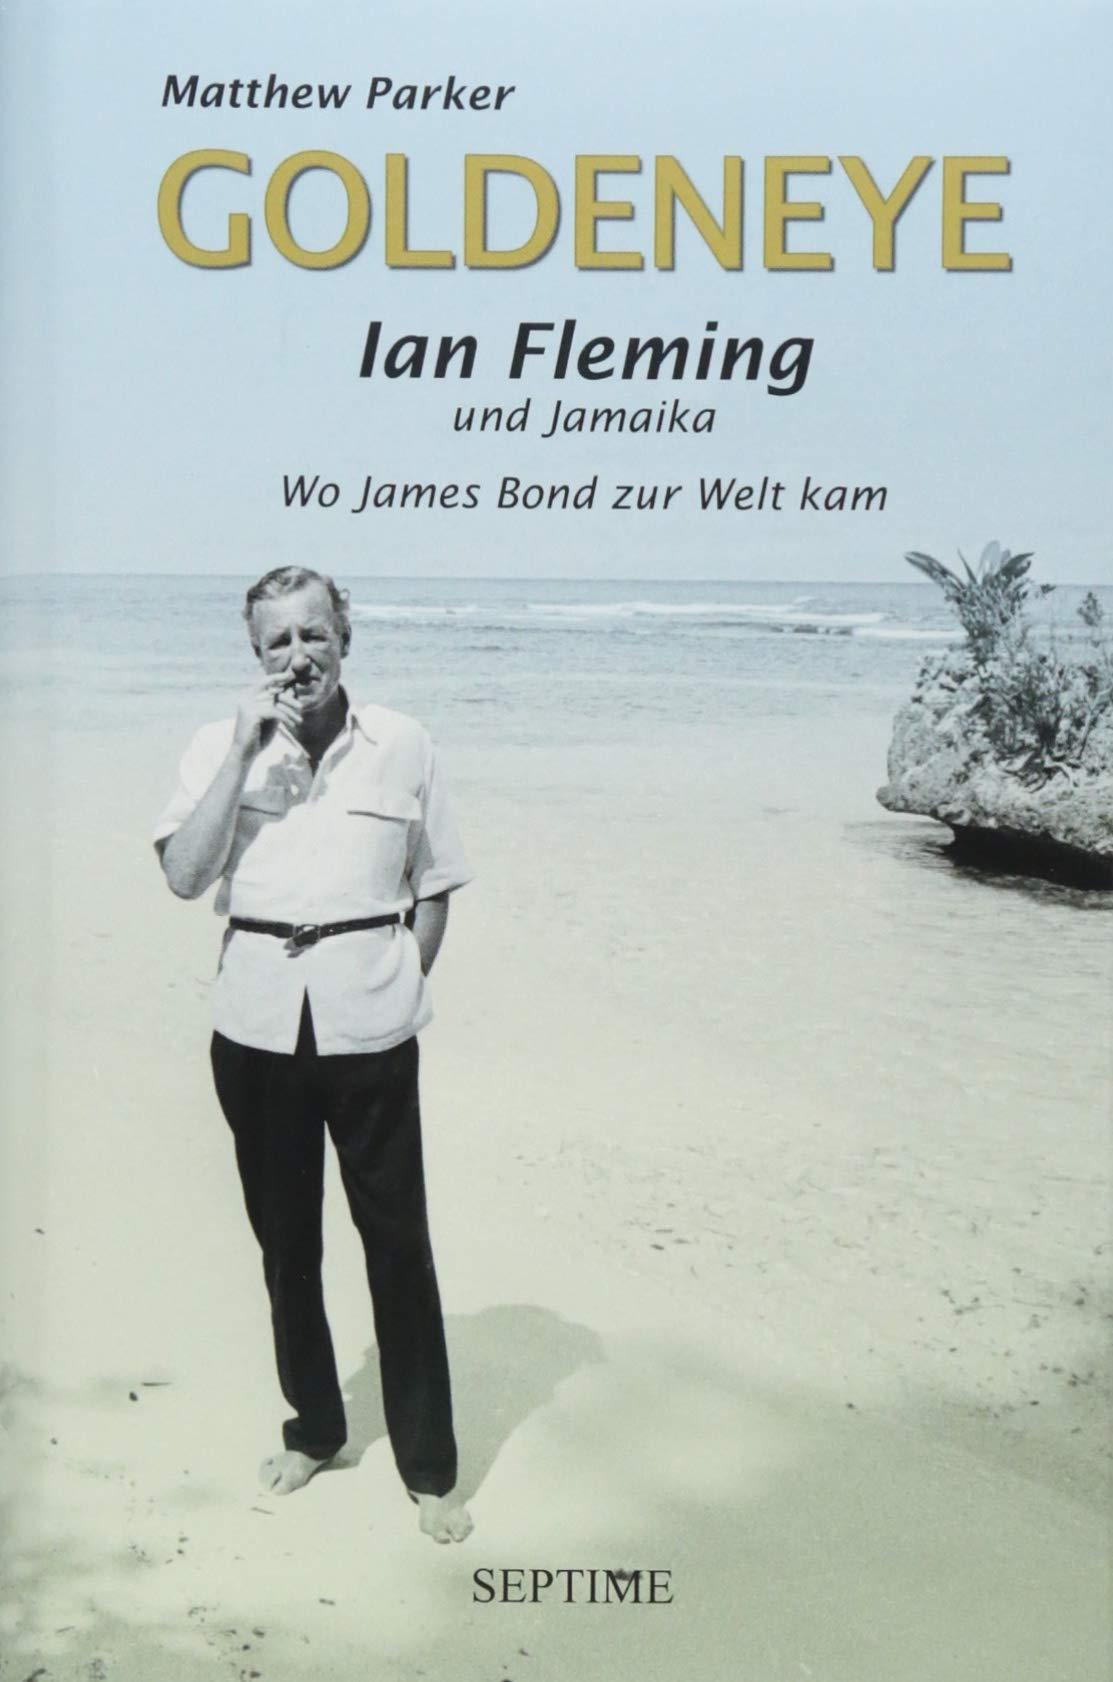 Goldeneye: Ian Fleming und Jamaika - Wo James Bond zur Welt kam Gebundenes Buch – 24. September 2018 Matthew Parker Felix Mayer Septime Verlag 3902711728